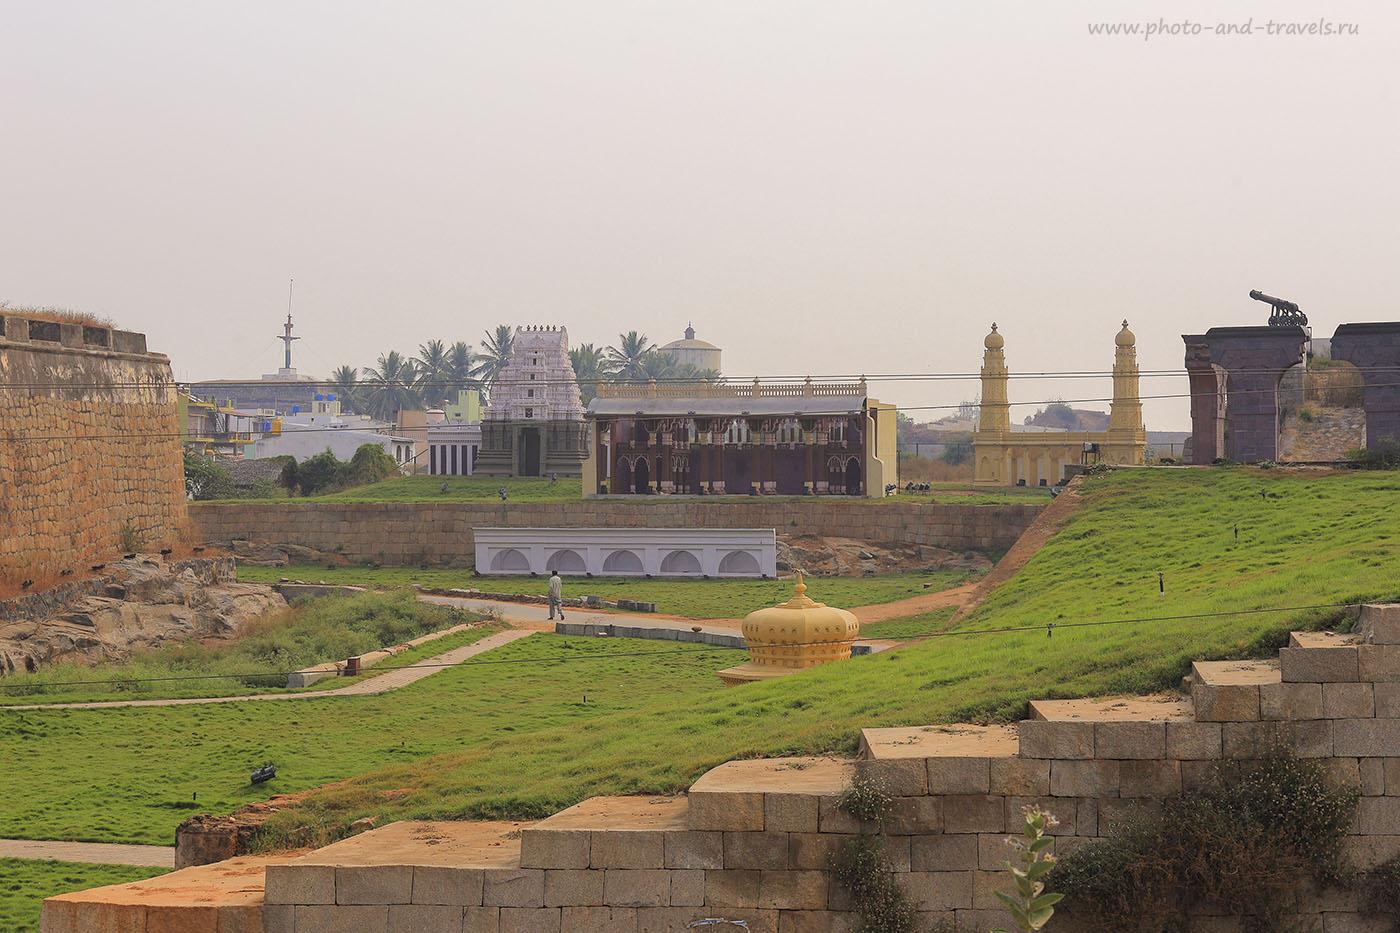 Фотография 2. Панорама руин старого города. Отзывы об экскурсиях в Индии в штате Карнатака. 1/200, -1 EV, 9.0, 100, 67.